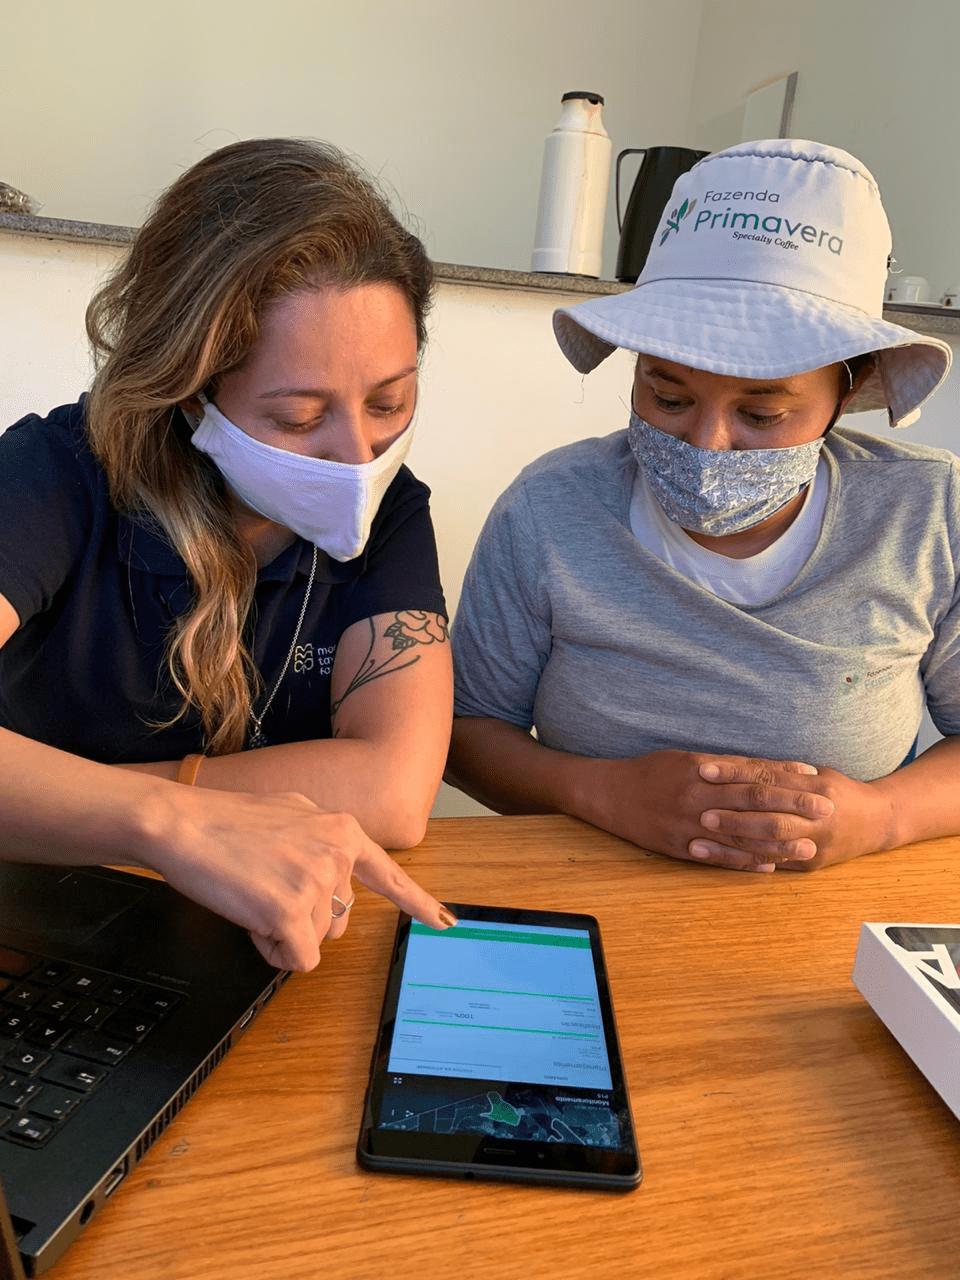 foto de duas mulheres usando máscara de pano, camisetas, sentadas em um escritório fazendo monitoramento de pragas de café e planejamento das operações com insumos pelo aplicativo Aegro. O tablet está numa mesa de madeira.